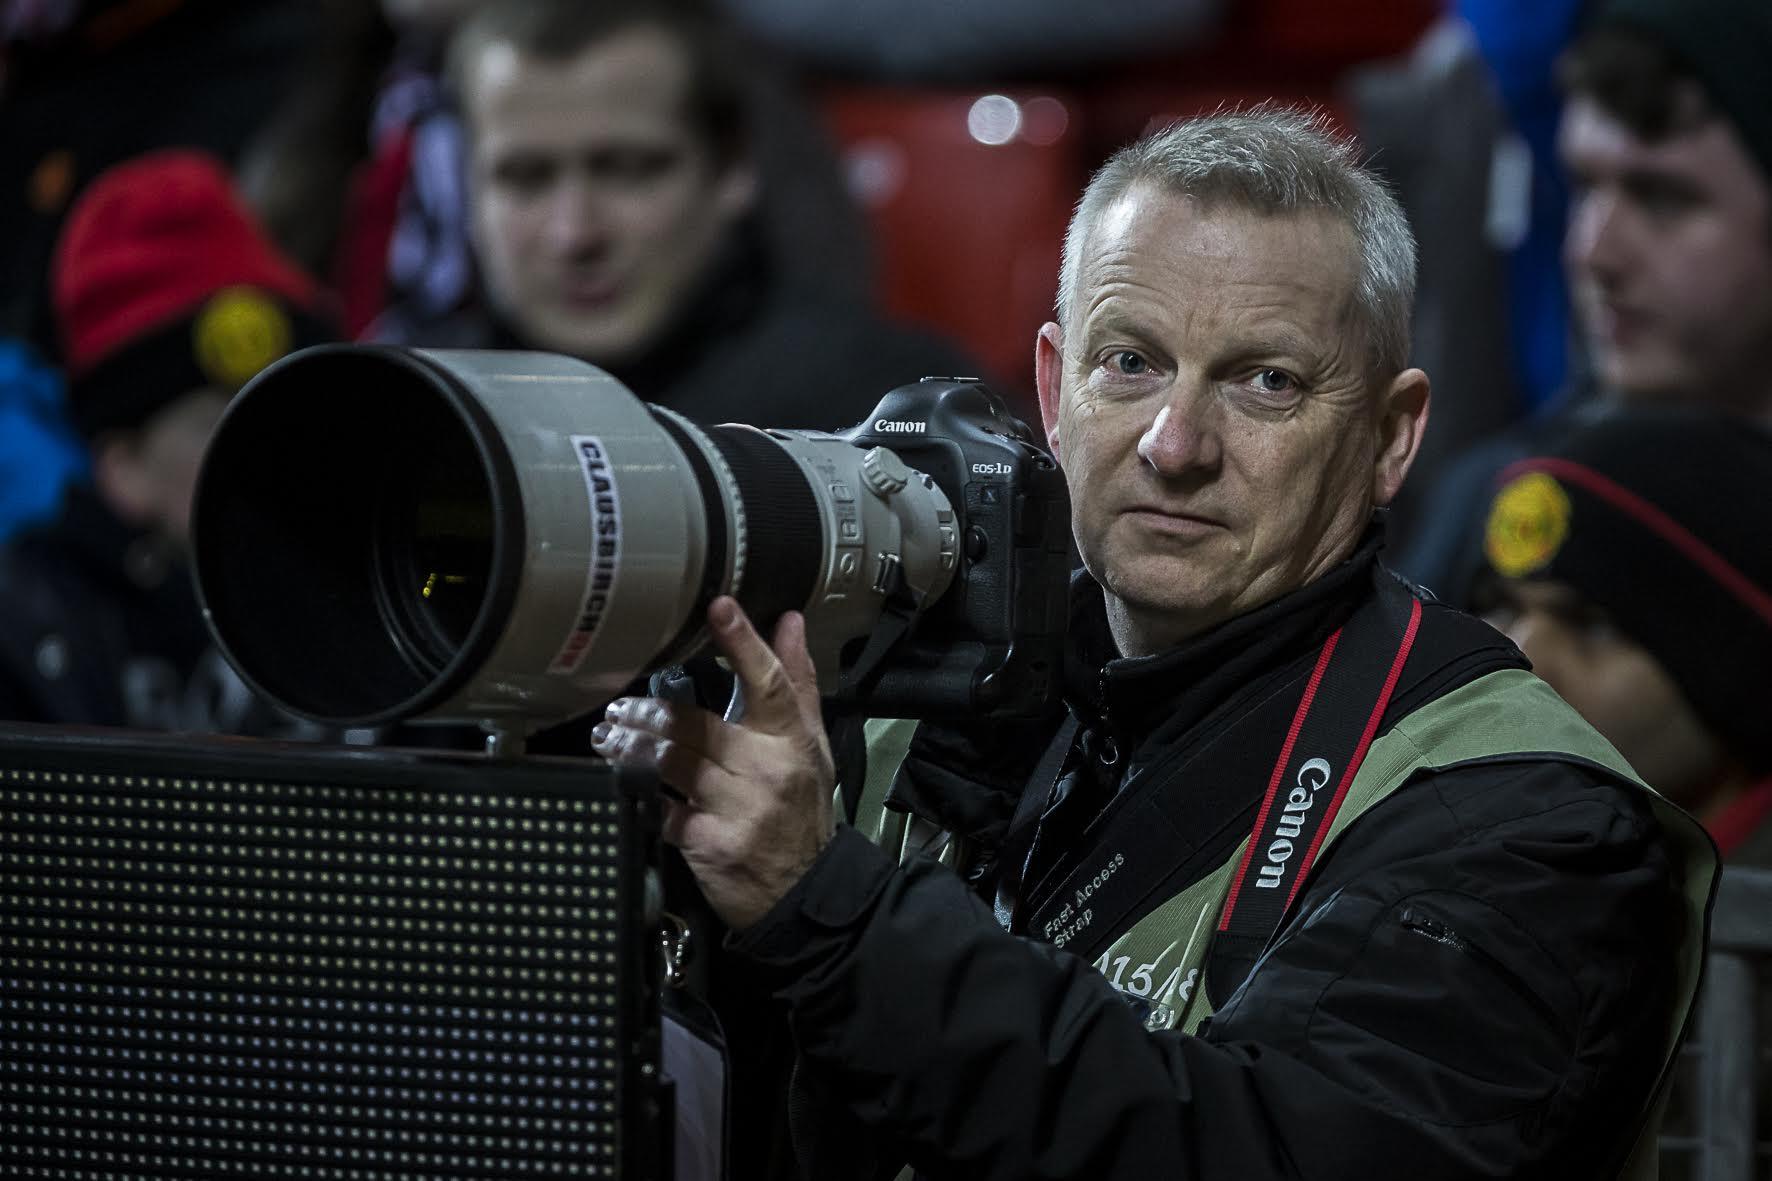 Sportsfotograf Claus Birch